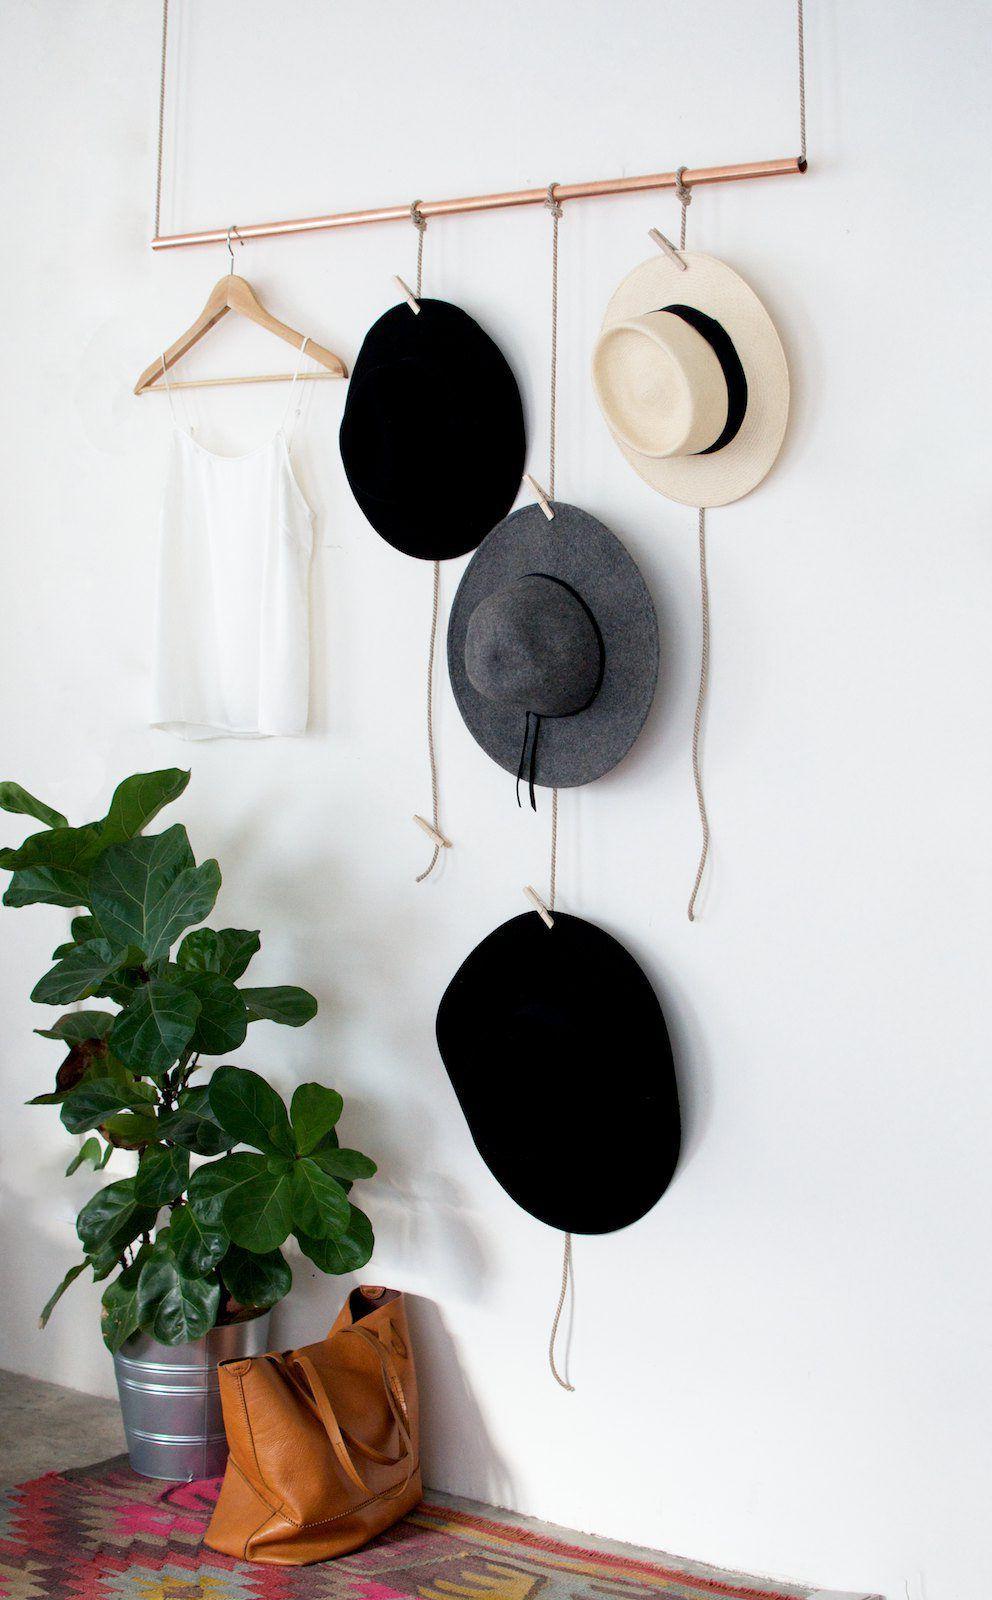 настенная вешалка для шляп своими руками